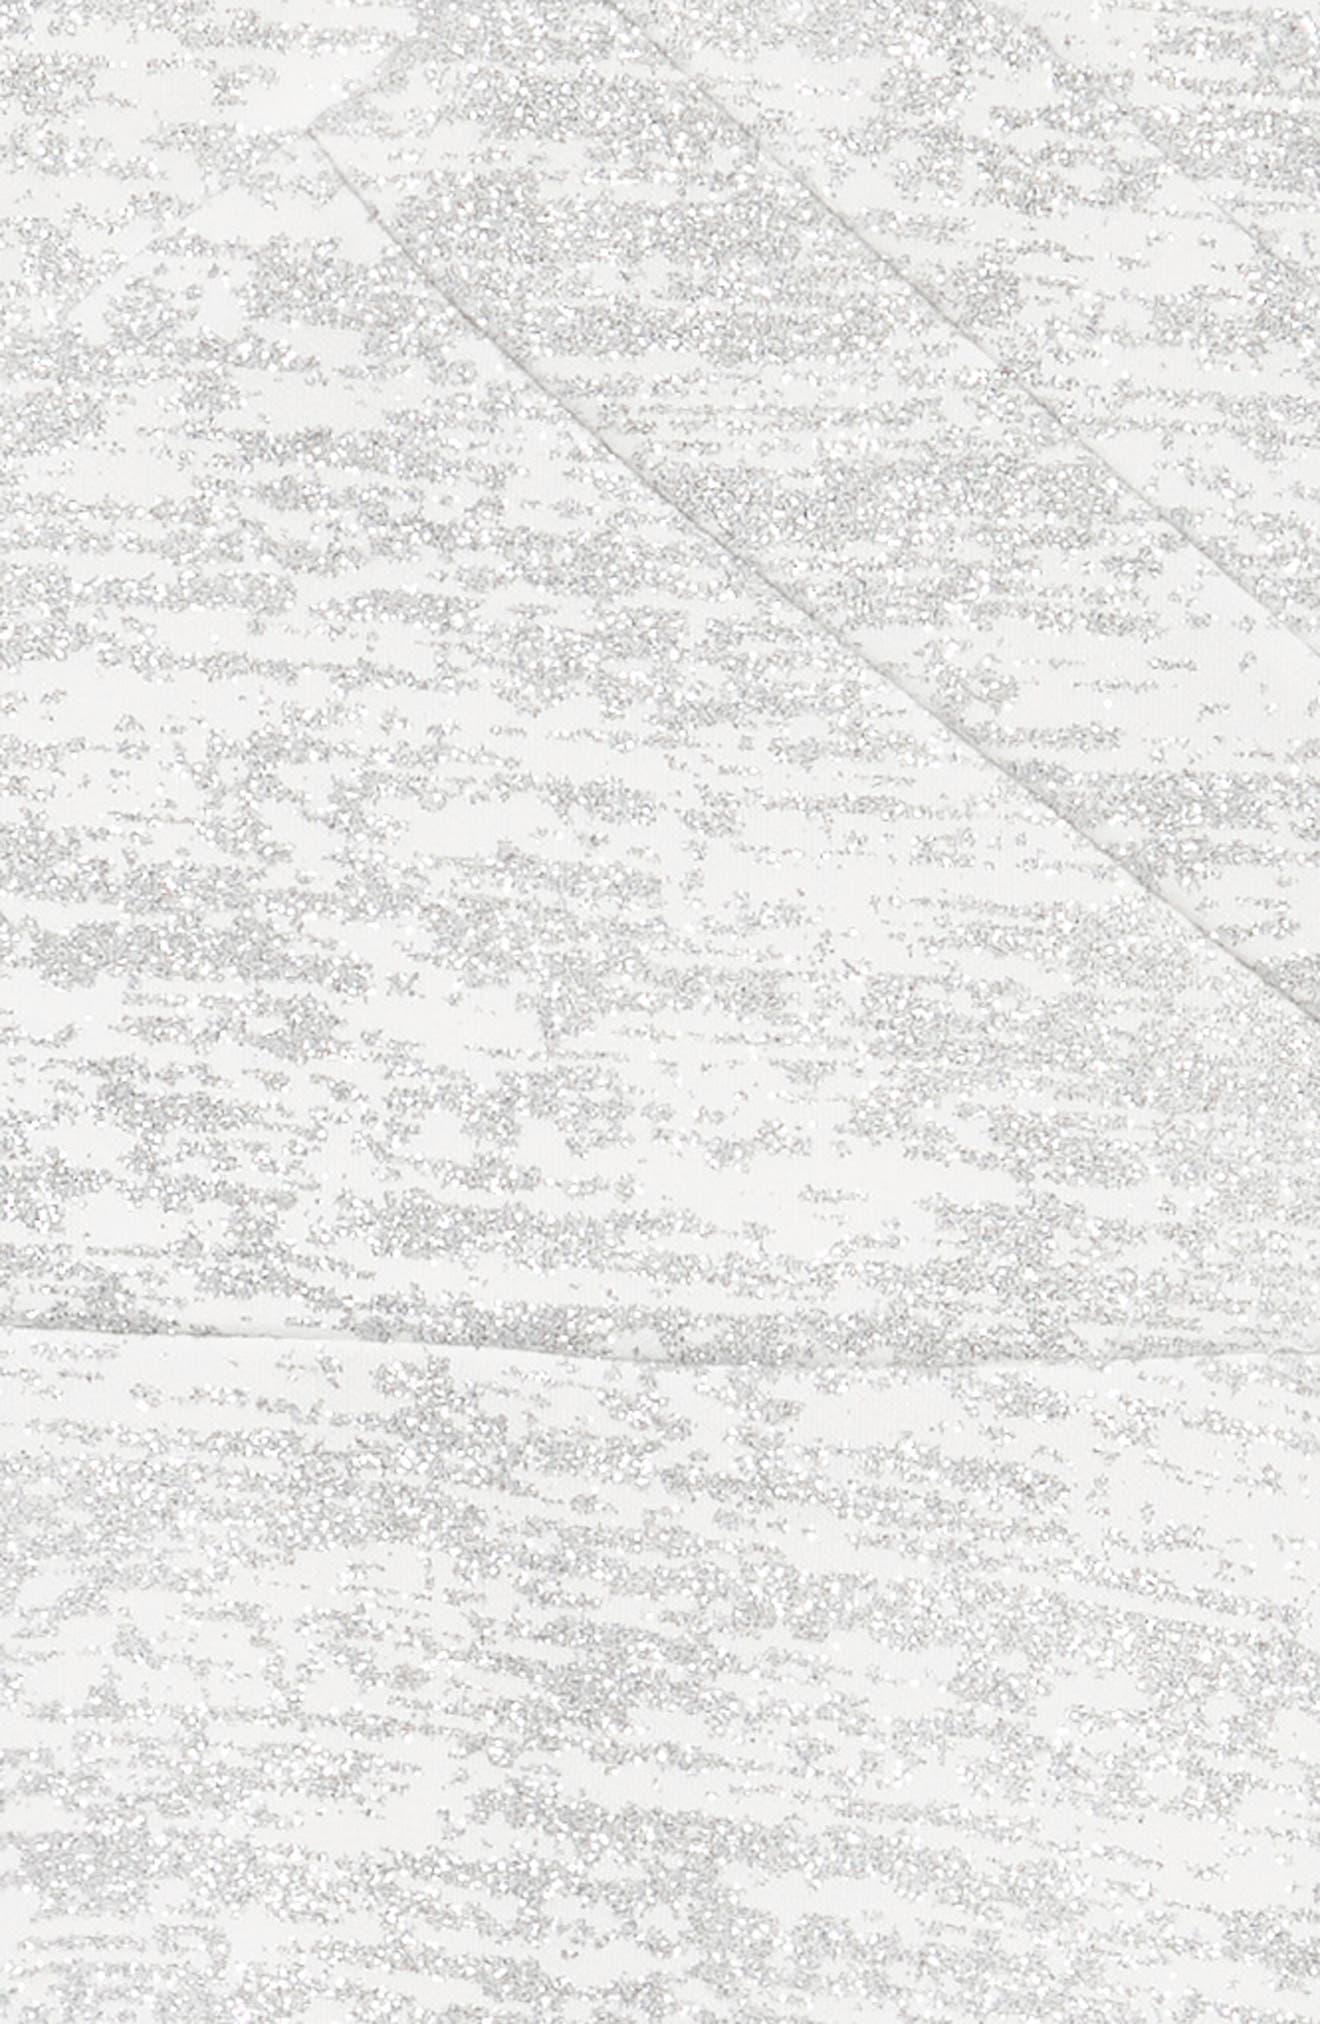 Glitter Scuba Skater Dress,                             Alternate thumbnail 3, color,                             Ivory/ Silver